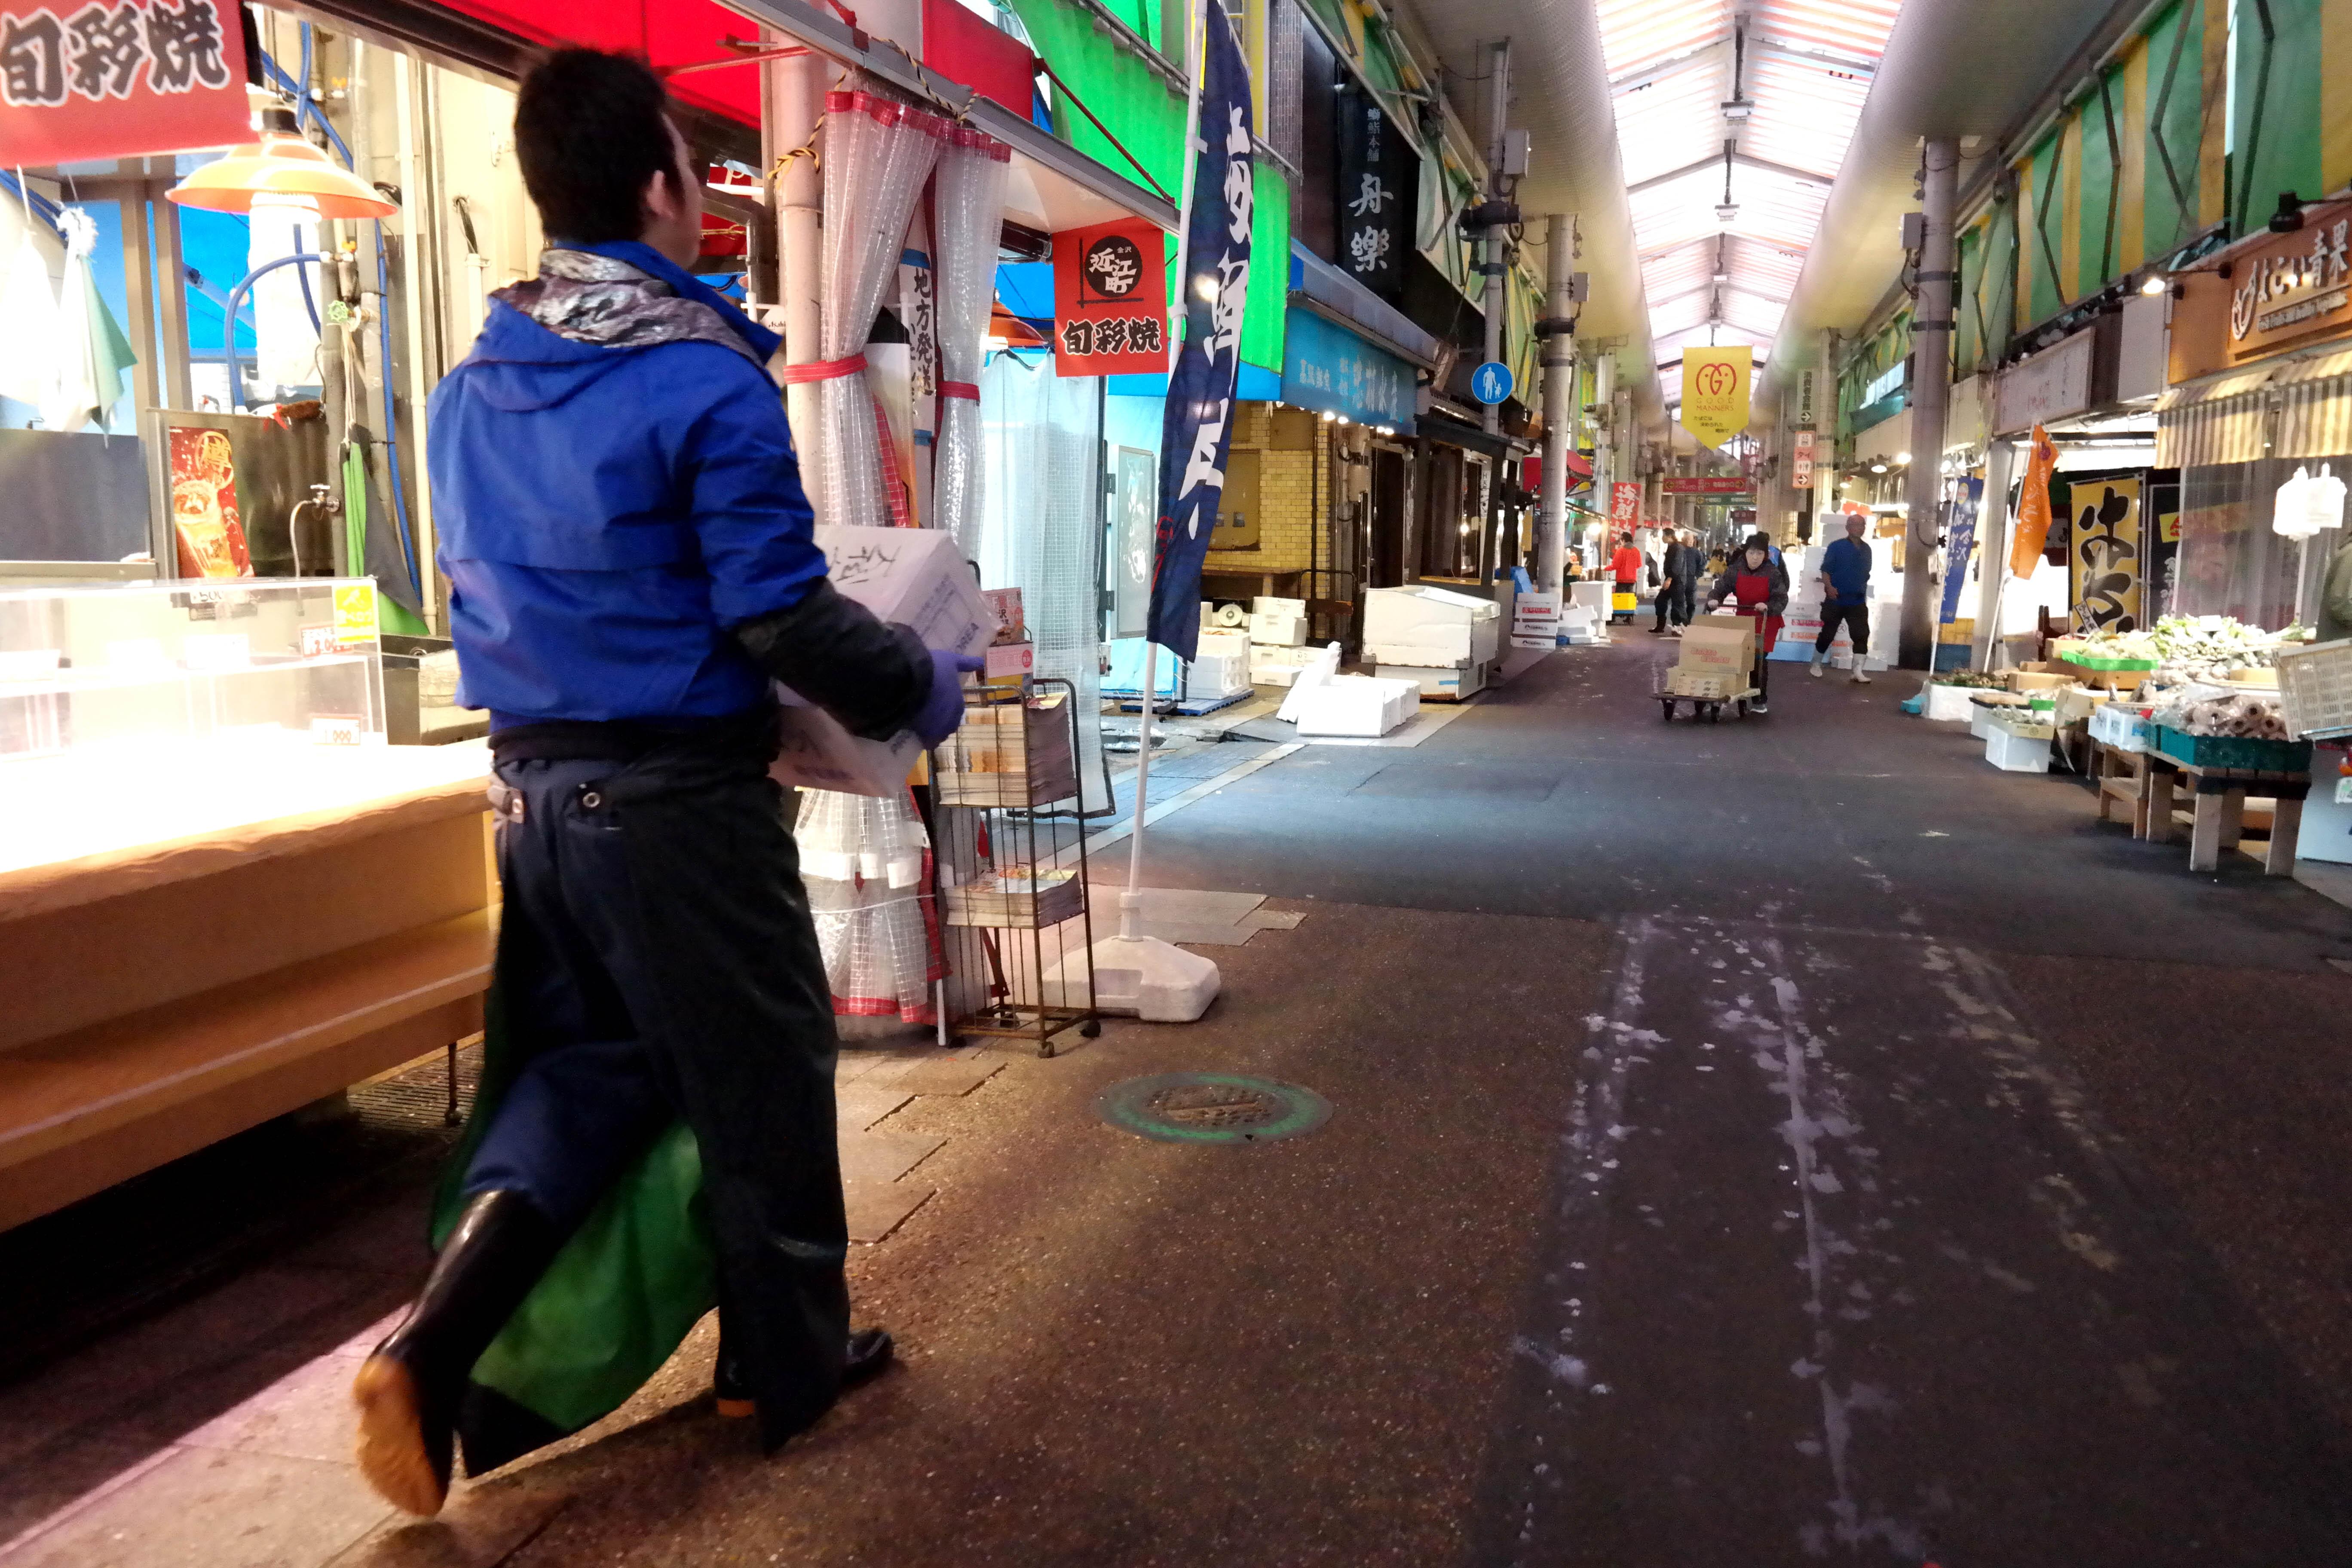 kanazawa fish market morning prep